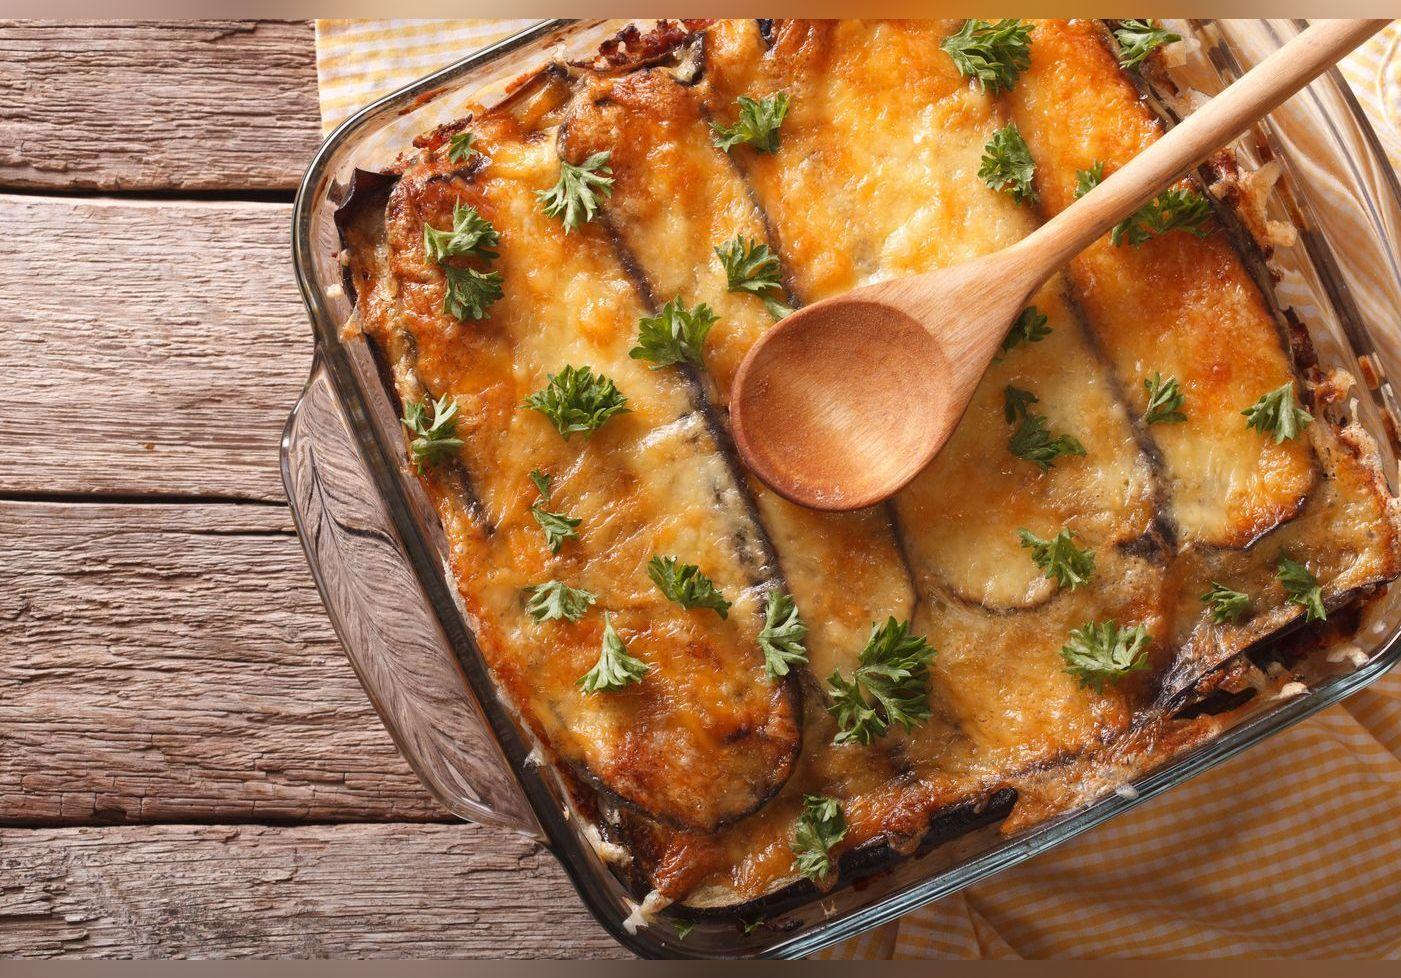 Cette recette à base d'aubergines, très facile à réaliser, cumule près 8 millions de vues. Un plat végétarien familial et gourmand